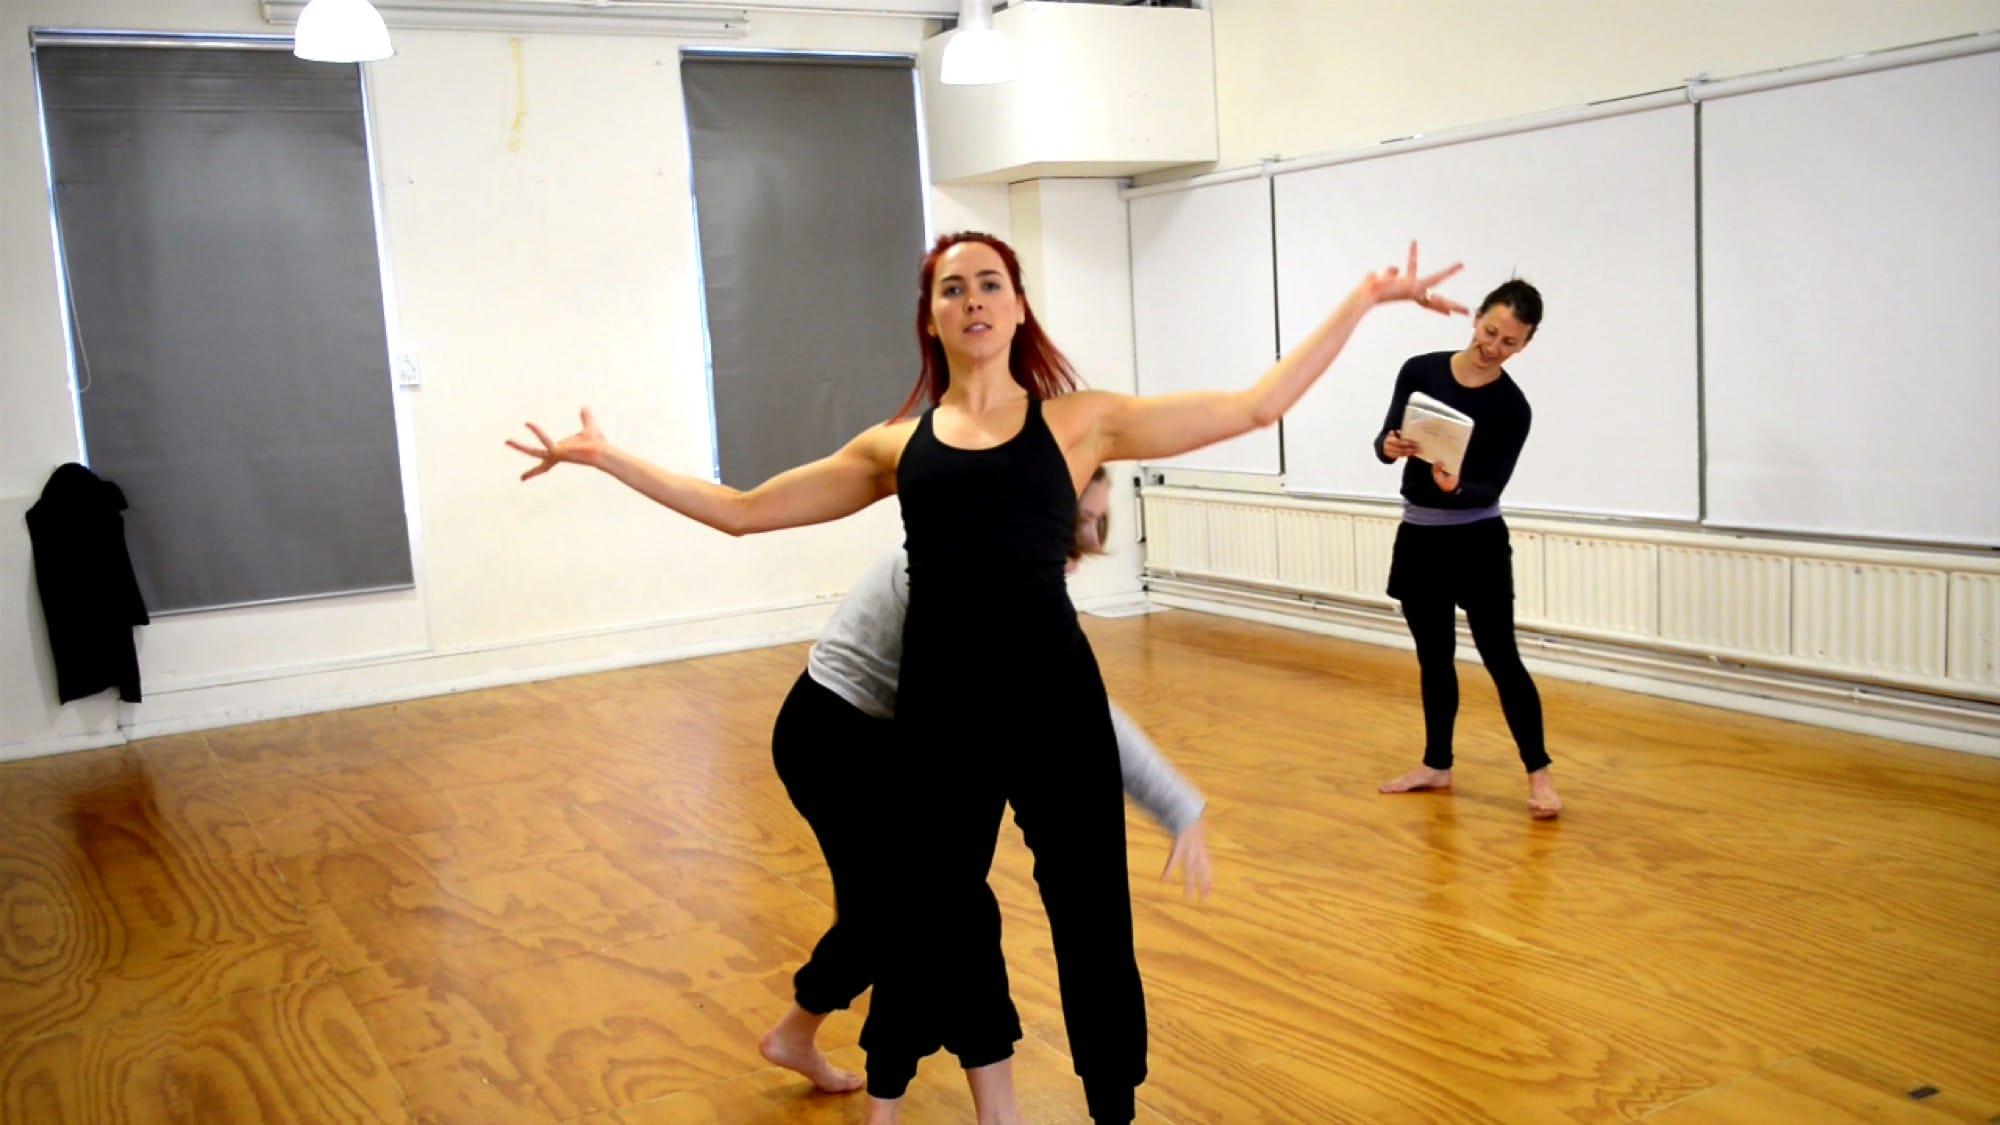 Java Dance Theatre at practice in the Dance Studio